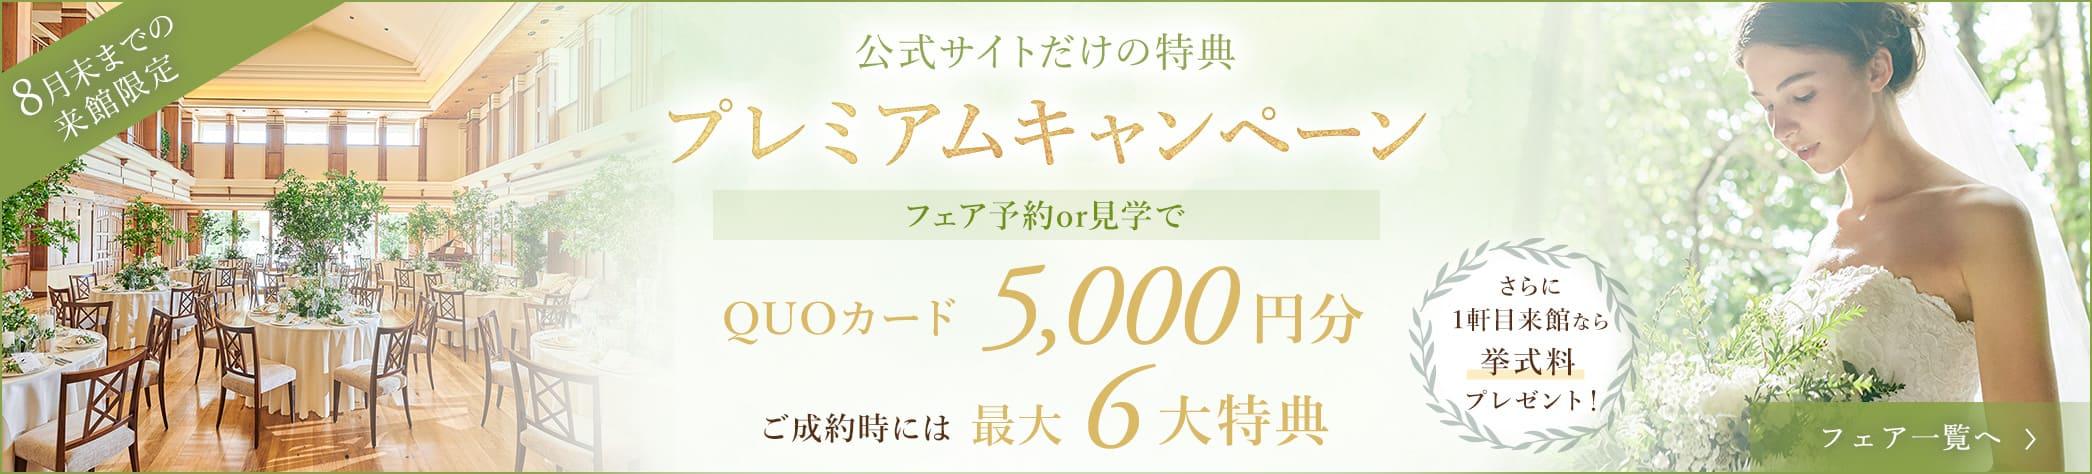 スペシャルキャンペーン